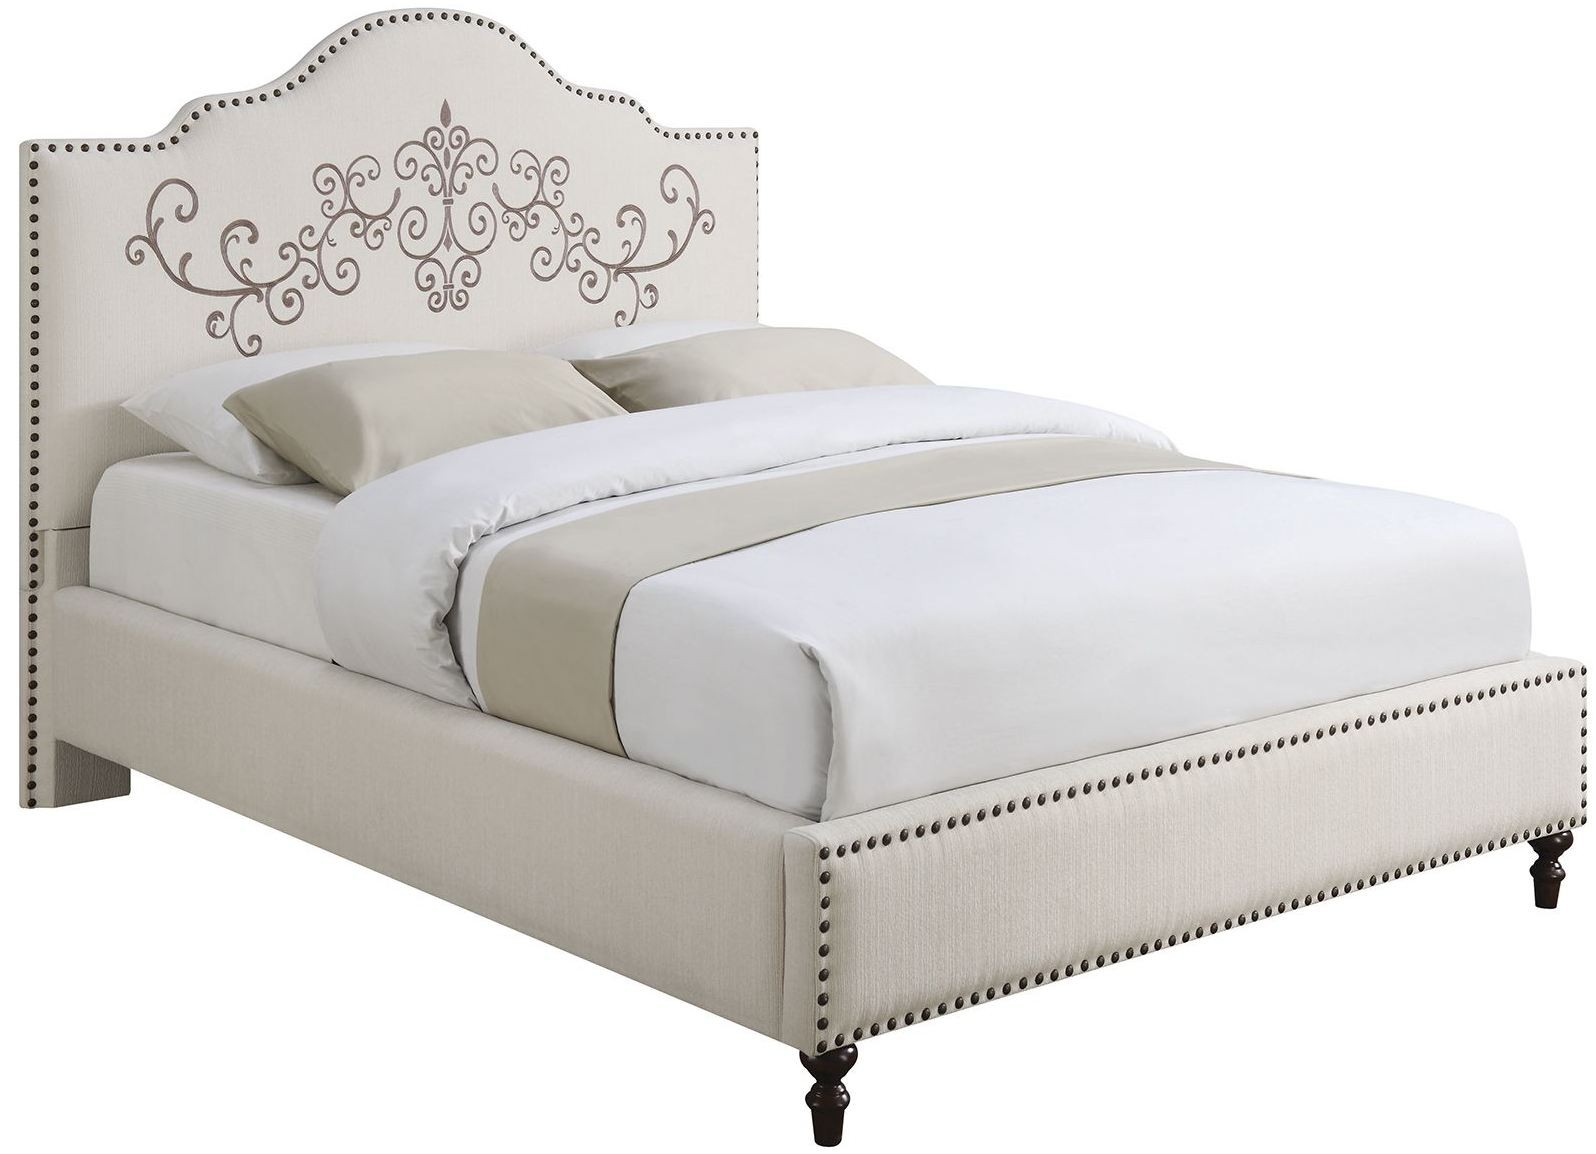 Homecrest Cream Upholstered King Platform Bed Ke